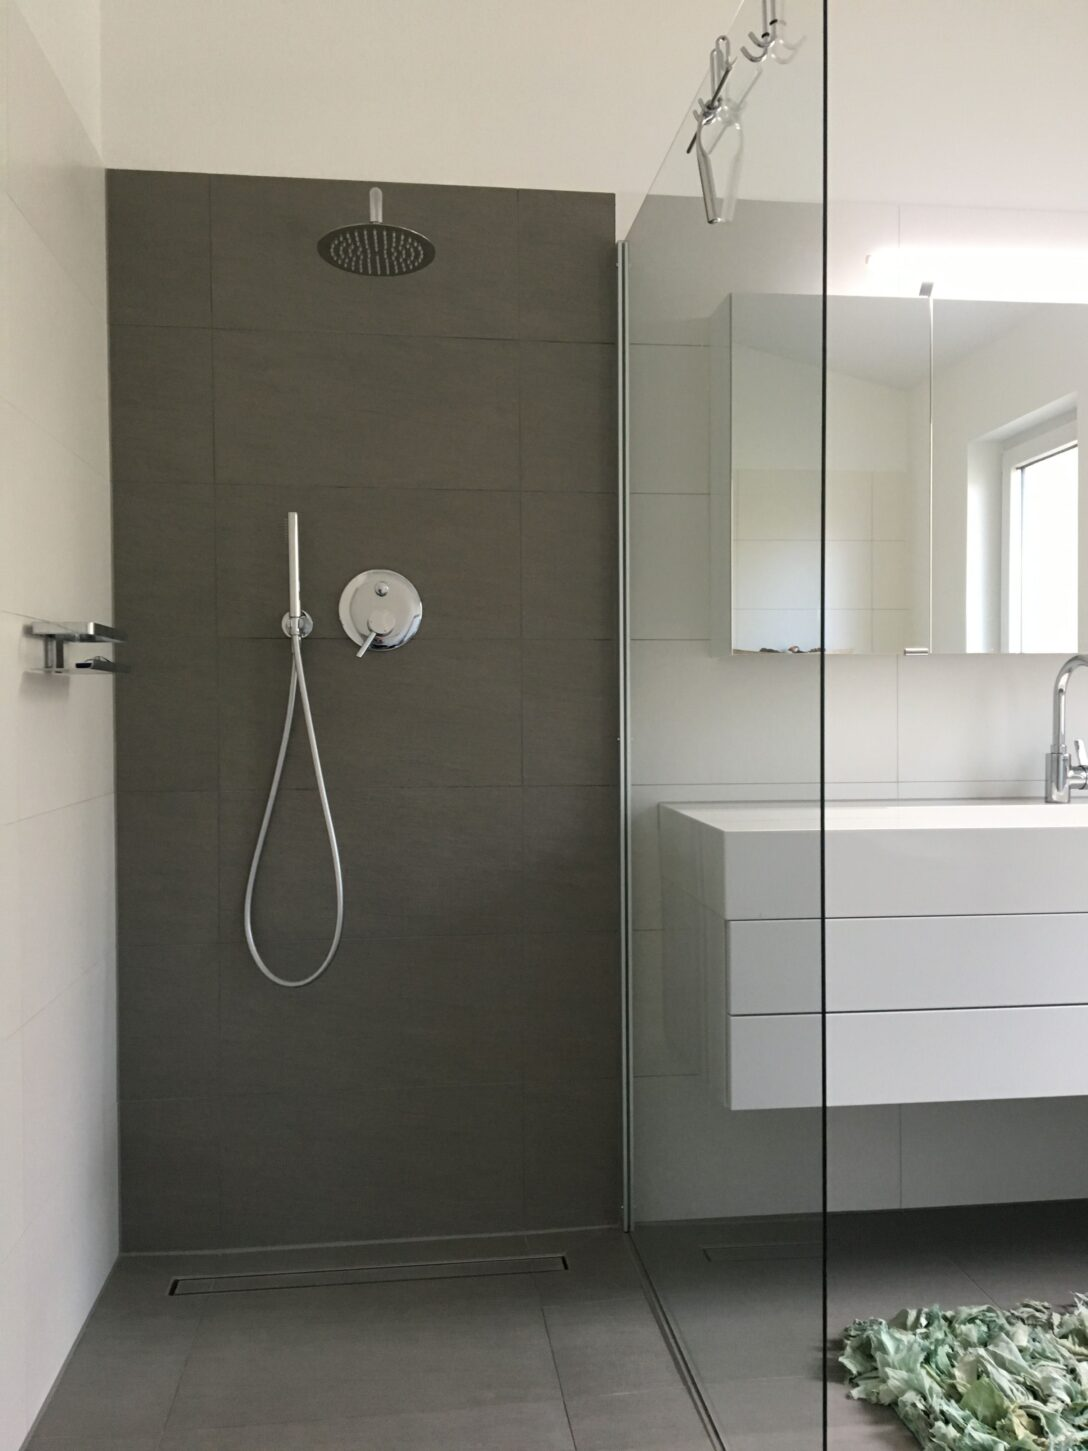 Large Size of Glaswand Dusche Badezimmer Fliesen Wasseranschluss Hinter Der Wand Moderne Duschen Küche Badewanne Mit Tür Und Begehbare Anal Pendeltür Schiebetür Dusche Glaswand Dusche